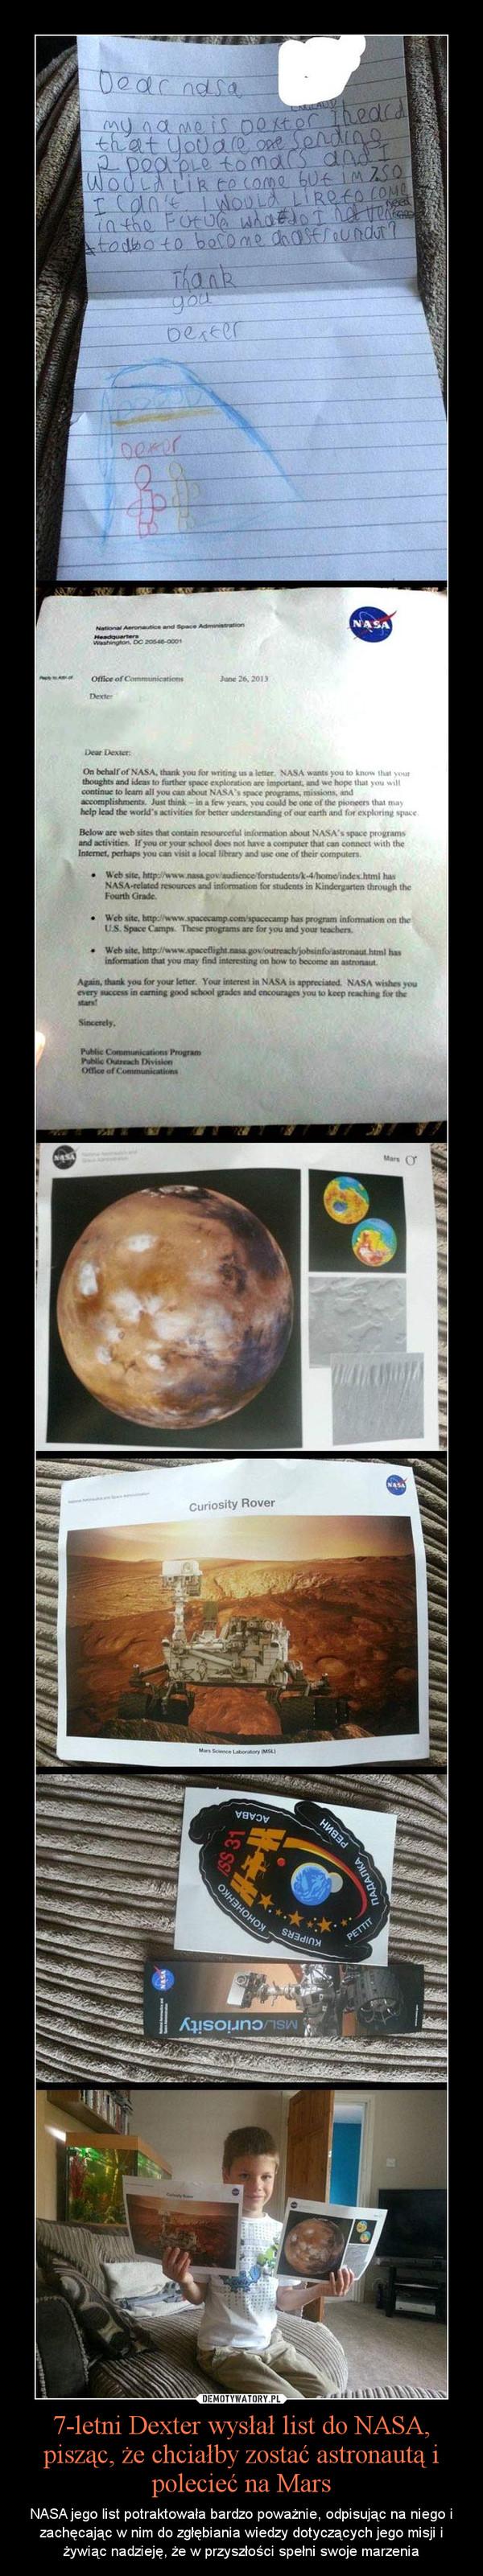 7-letni Dexter wysłał list do NASA, pisząc, że chciałby zostać astronautą i polecieć na Mars – NASA jego list potraktowała bardzo poważnie, odpisując na niego i zachęcając w nim do zgłębiania wiedzy dotyczących jego misji i żywiąc nadzieję, że w przyszłości spełni swoje marzenia